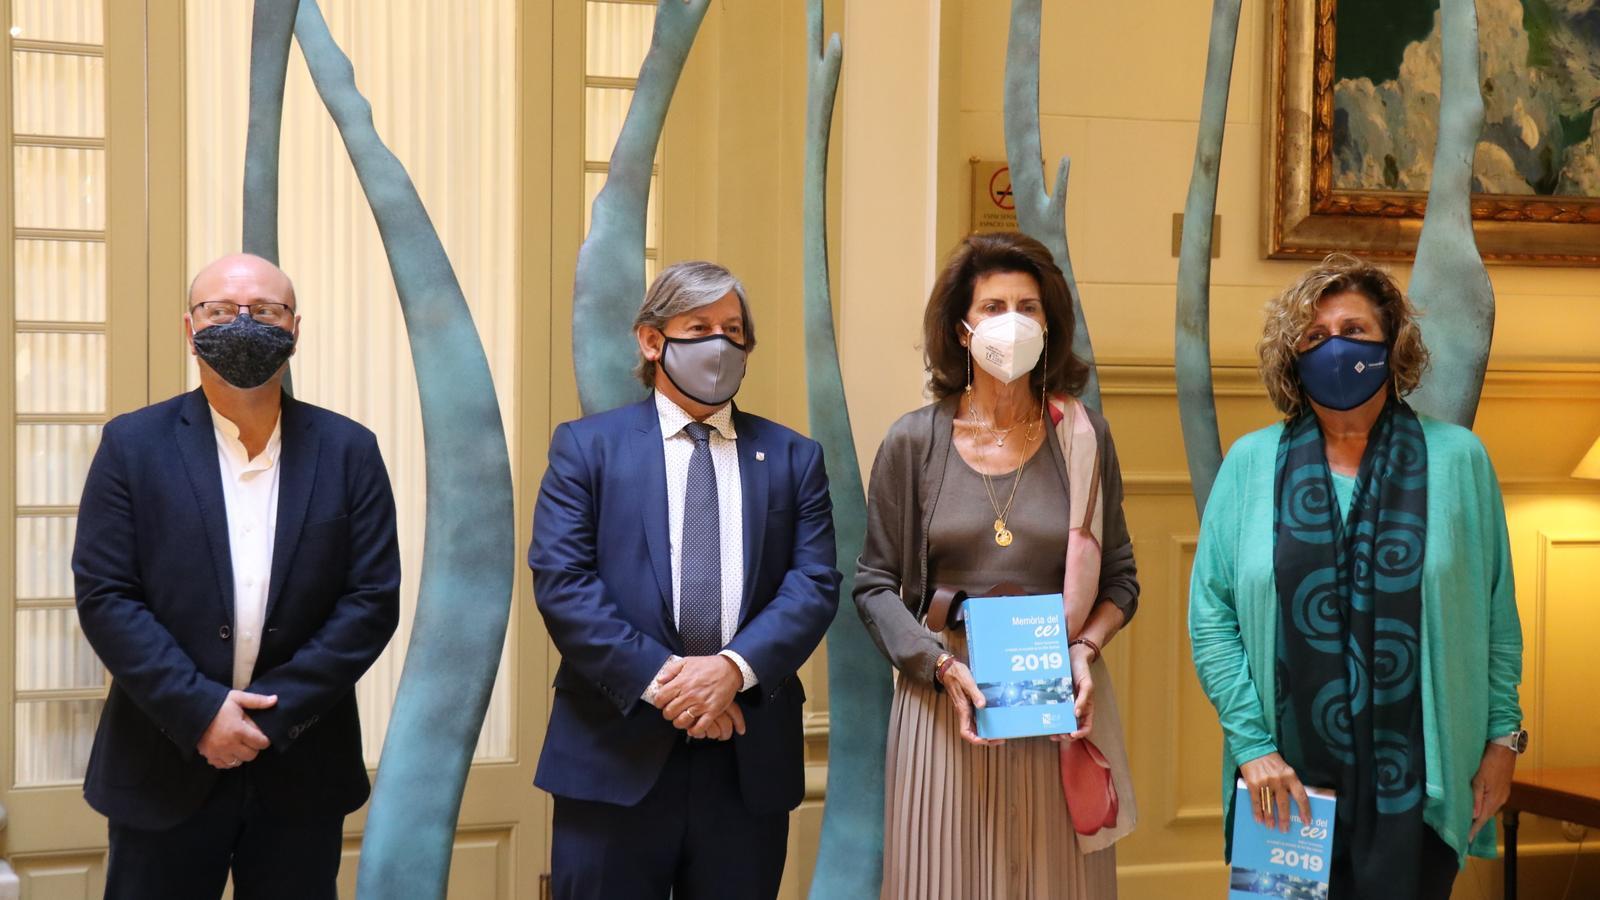 La presidenta en funcions del CES, Carme Planas, al costat del president del Parlament, Vicenç Thomàs, durant la presentació de la Memòria del 2019 de l'entitat